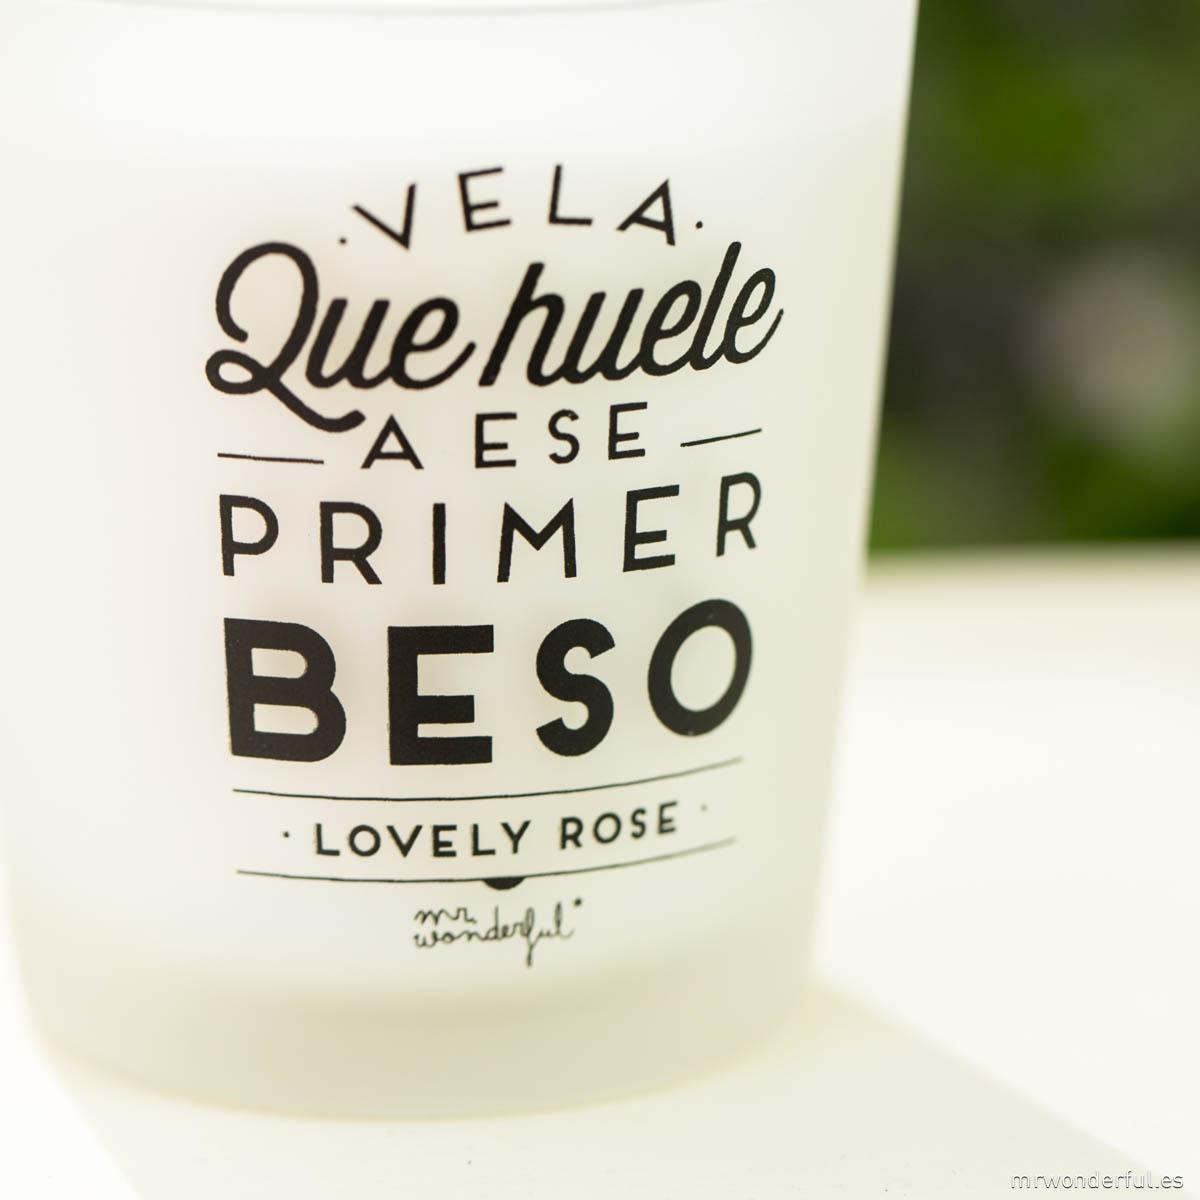 mrwonderful_VELA-01_vela-que-huele-a-ese-primer-beso-LOVELY-ROSE-19